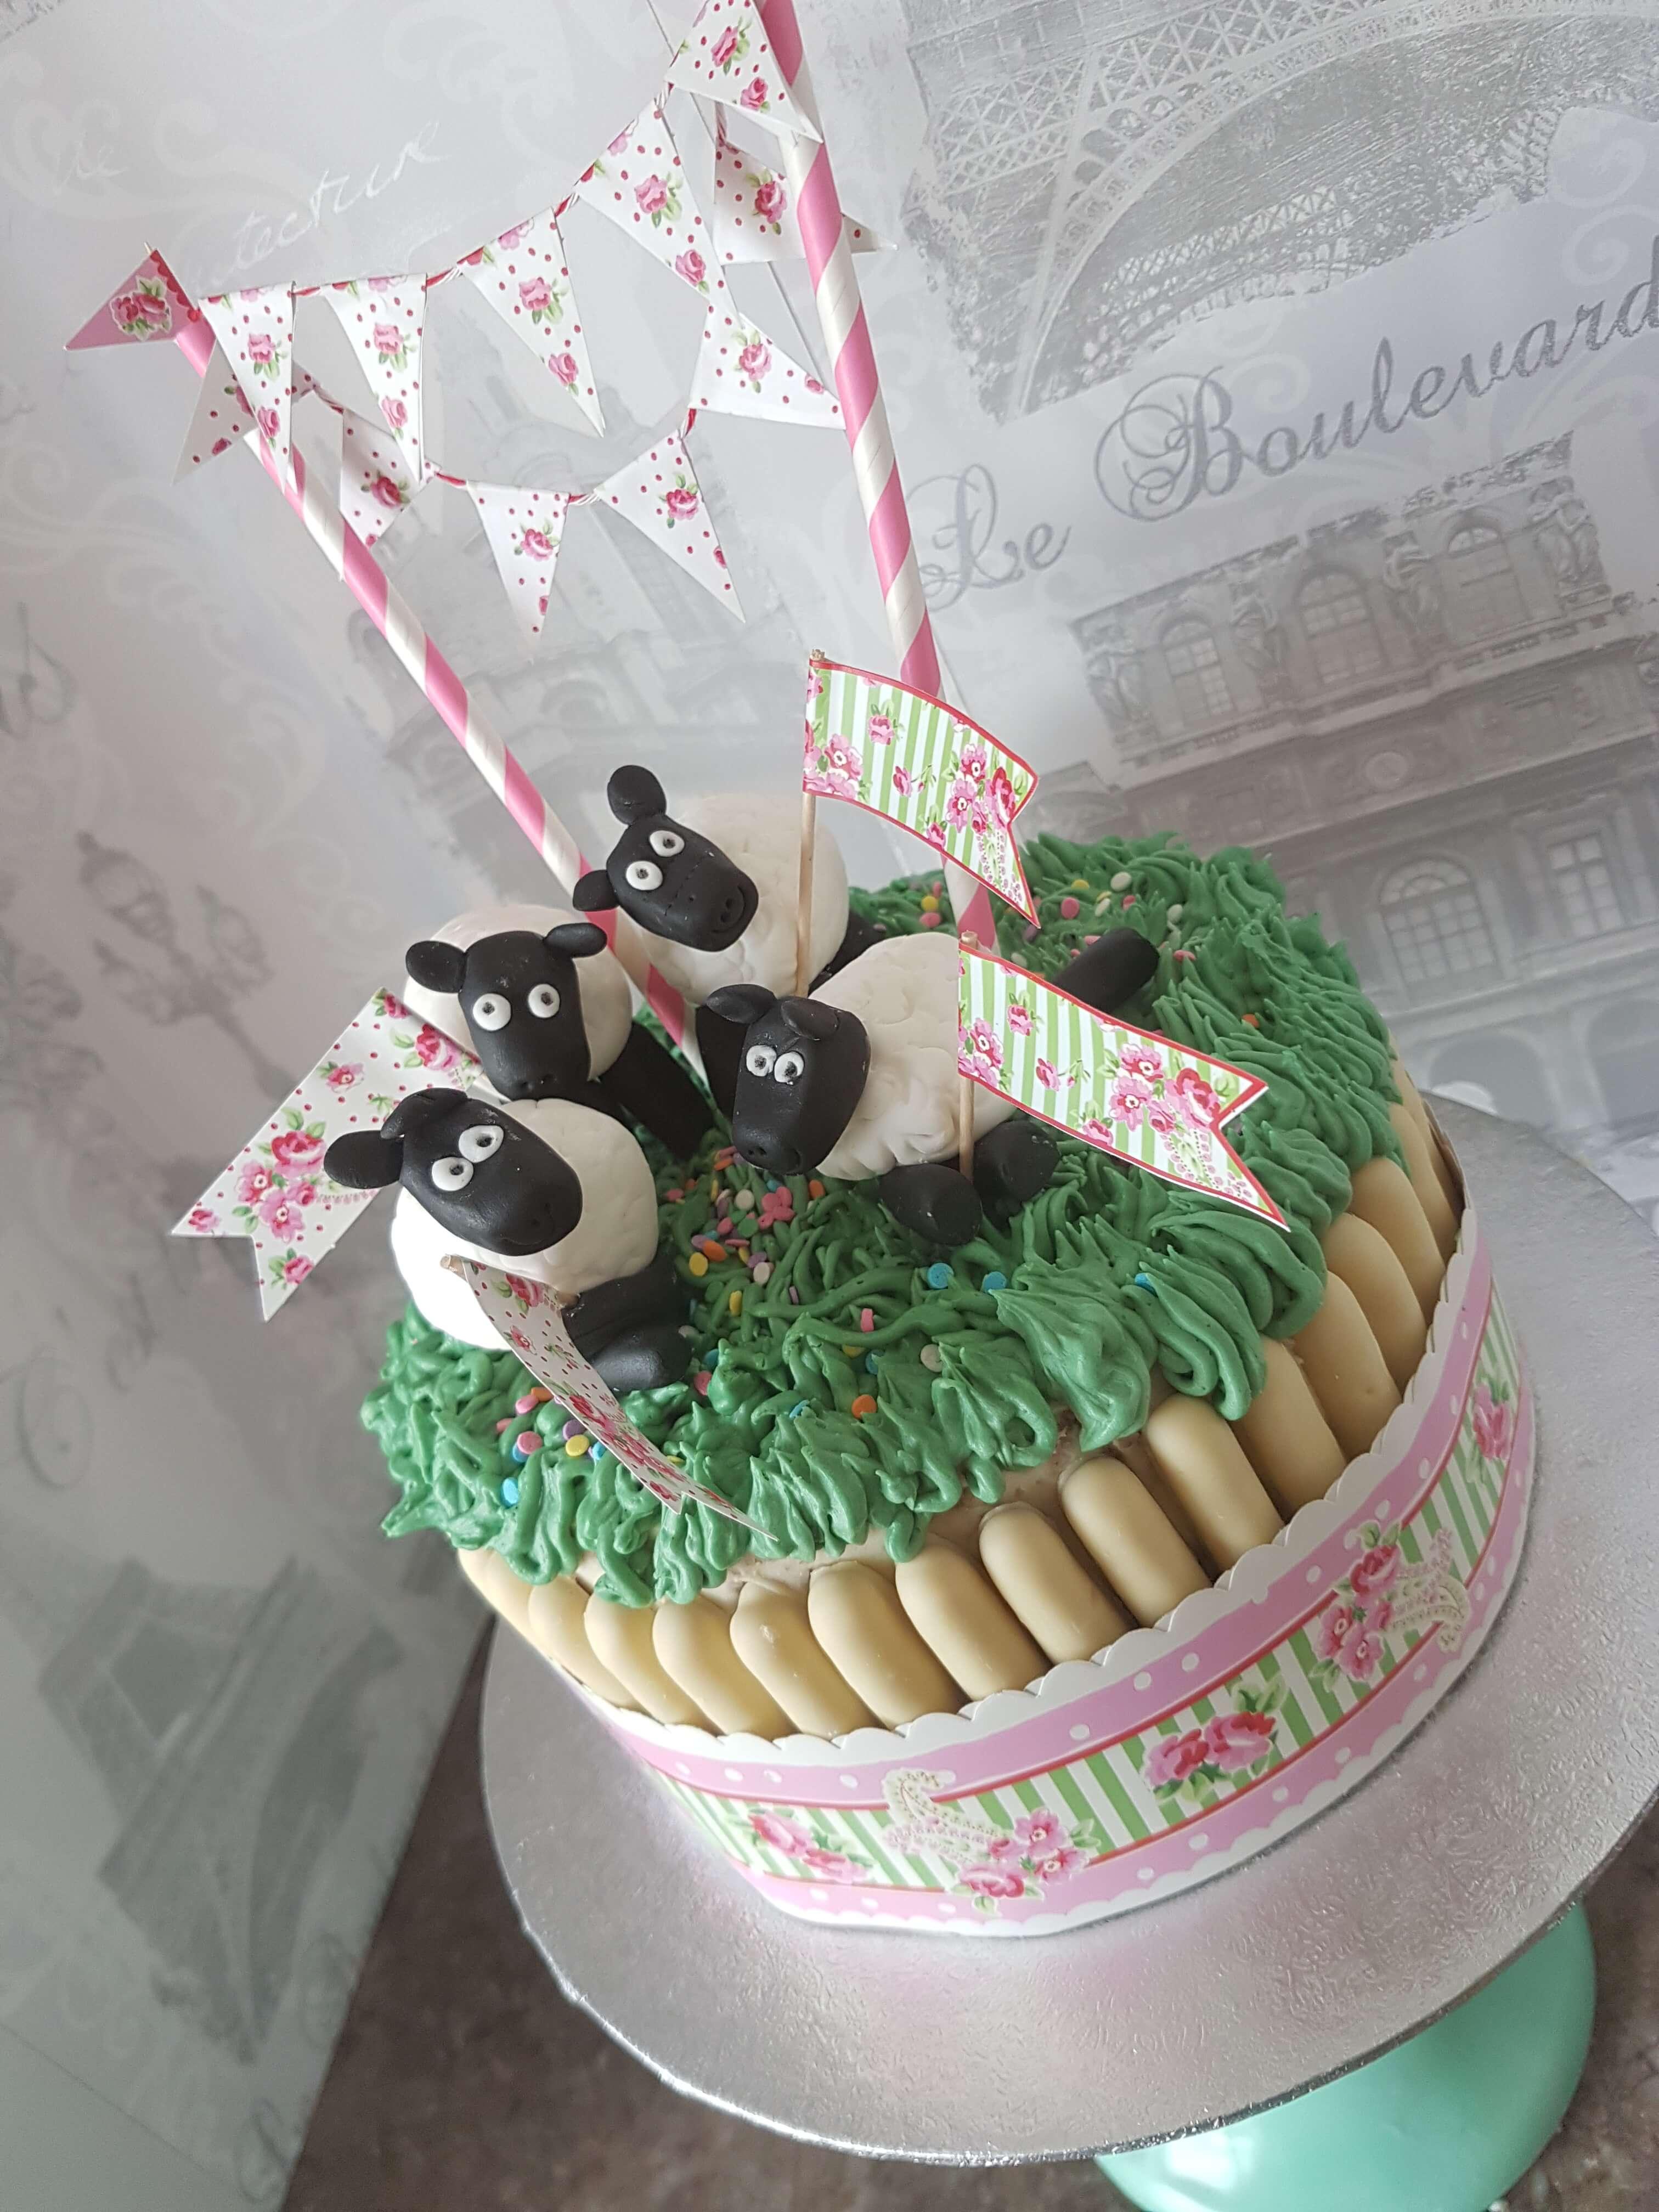 A Baa-eautiful Sheepy Cake